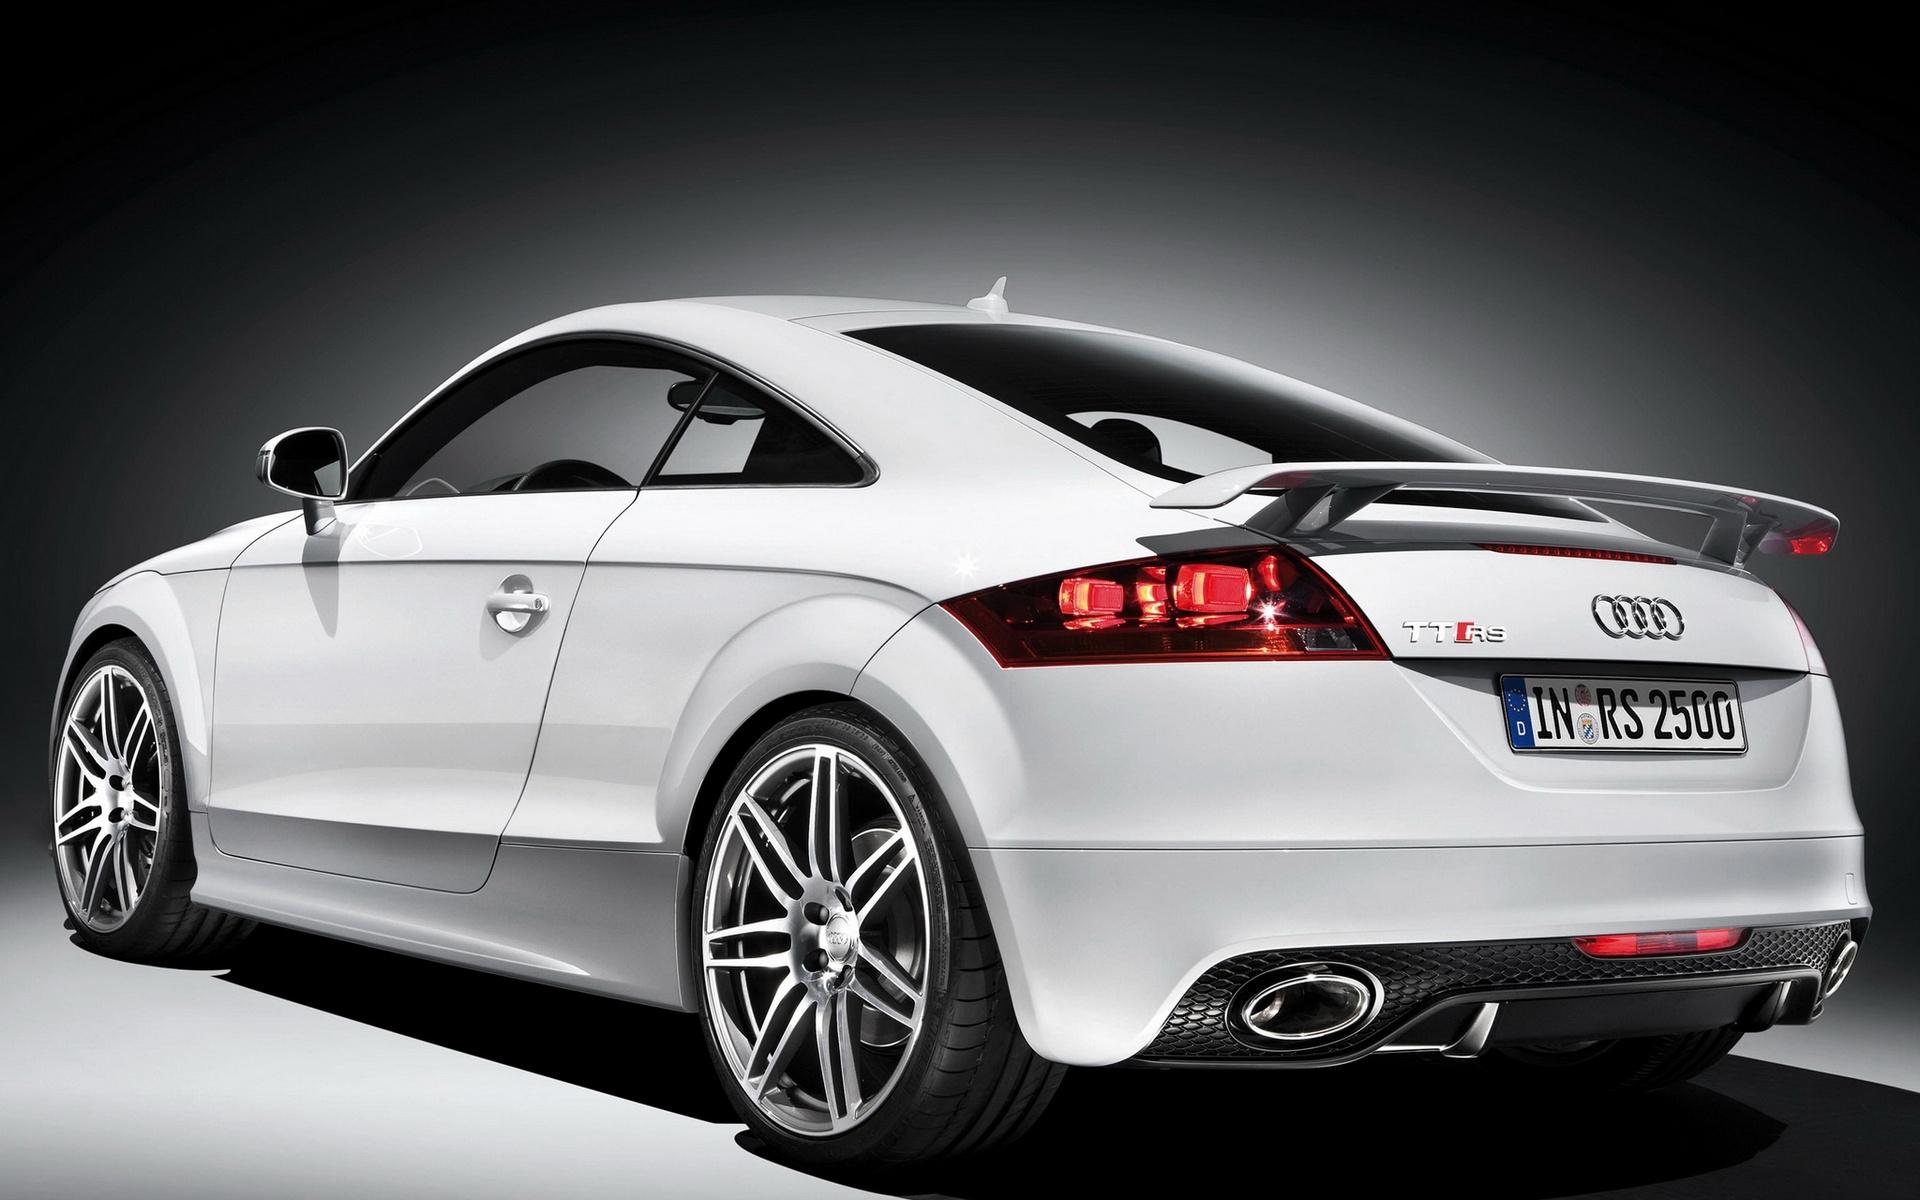 25417 скачать обои Транспорт, Машины, Ауди (Audi) - заставки и картинки бесплатно